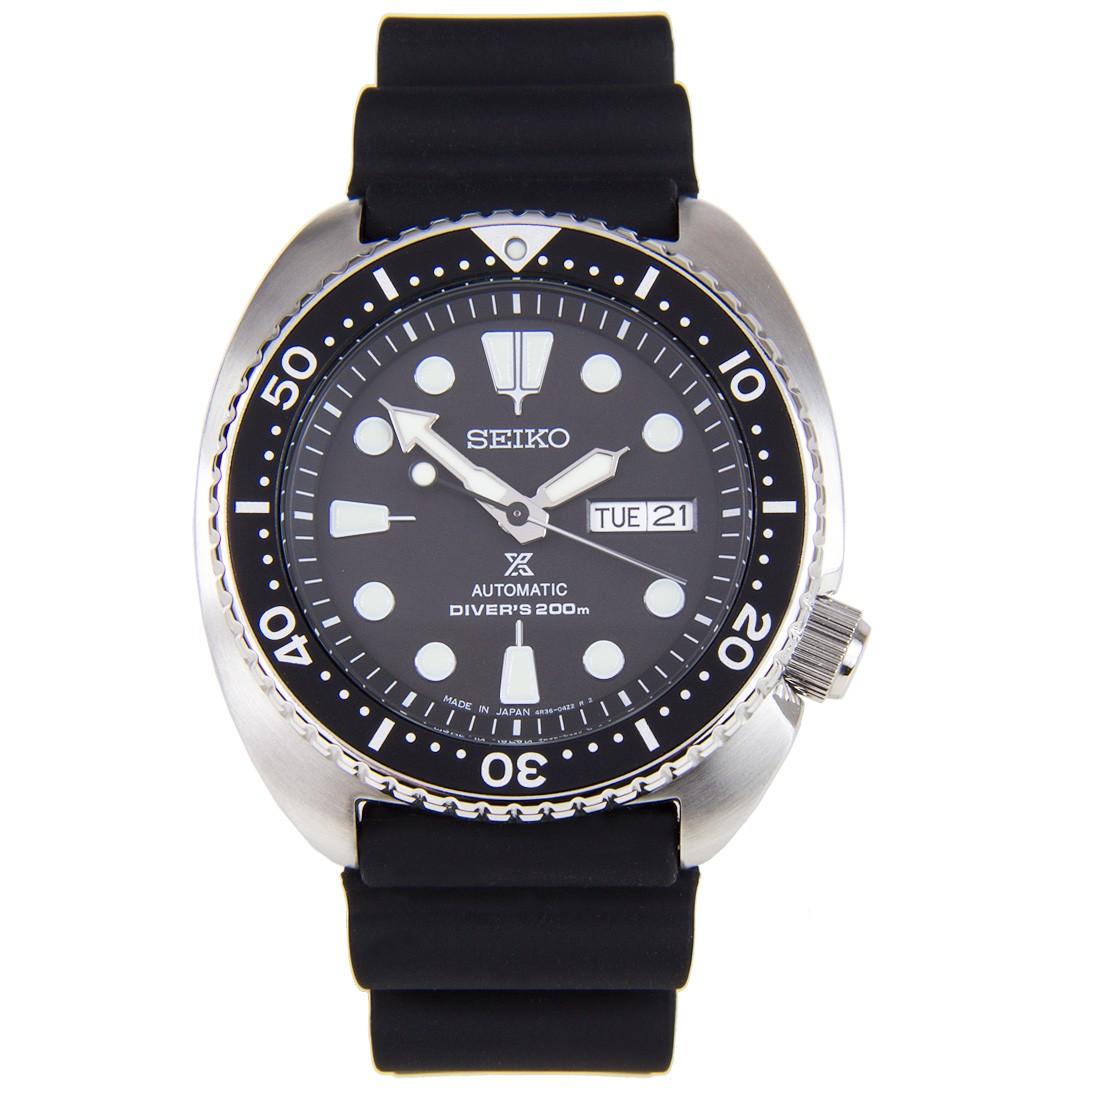 นาฬิกา Seiko Prospex Turtle Automatic Diver's 200M SRP777J1